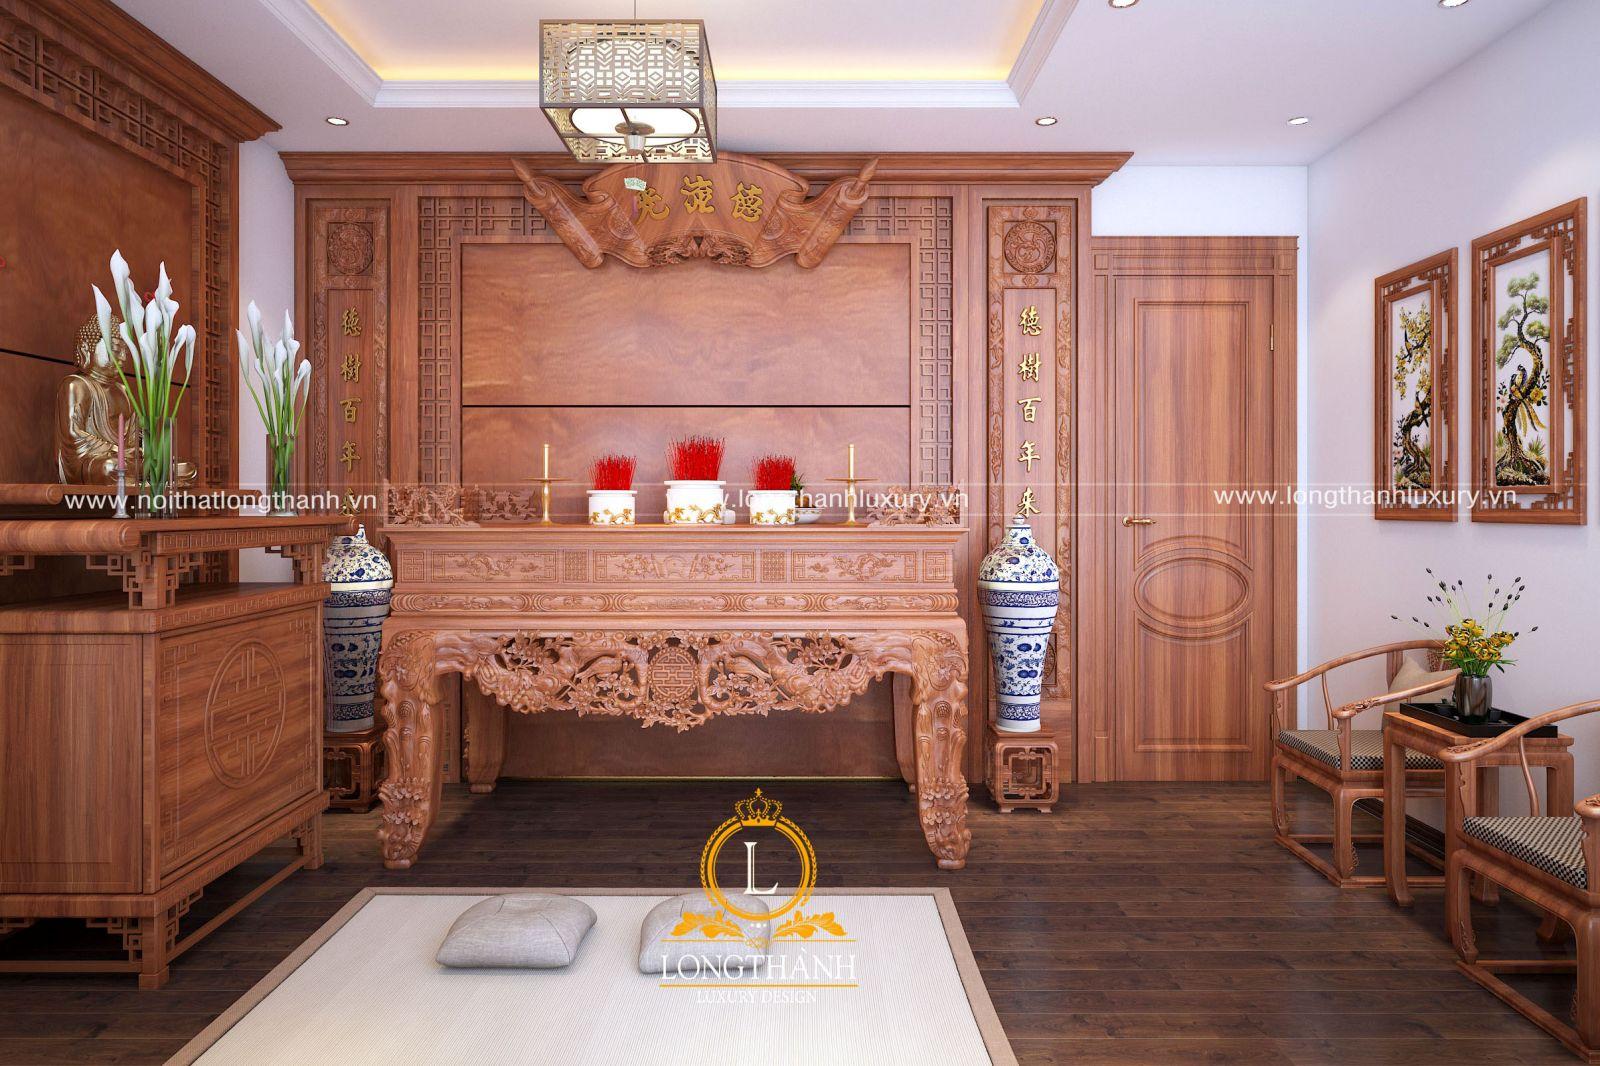 Dự án thiết kế không gian phòng thờ nhà anh Trọng - Nghĩa Hưng, Nam Định